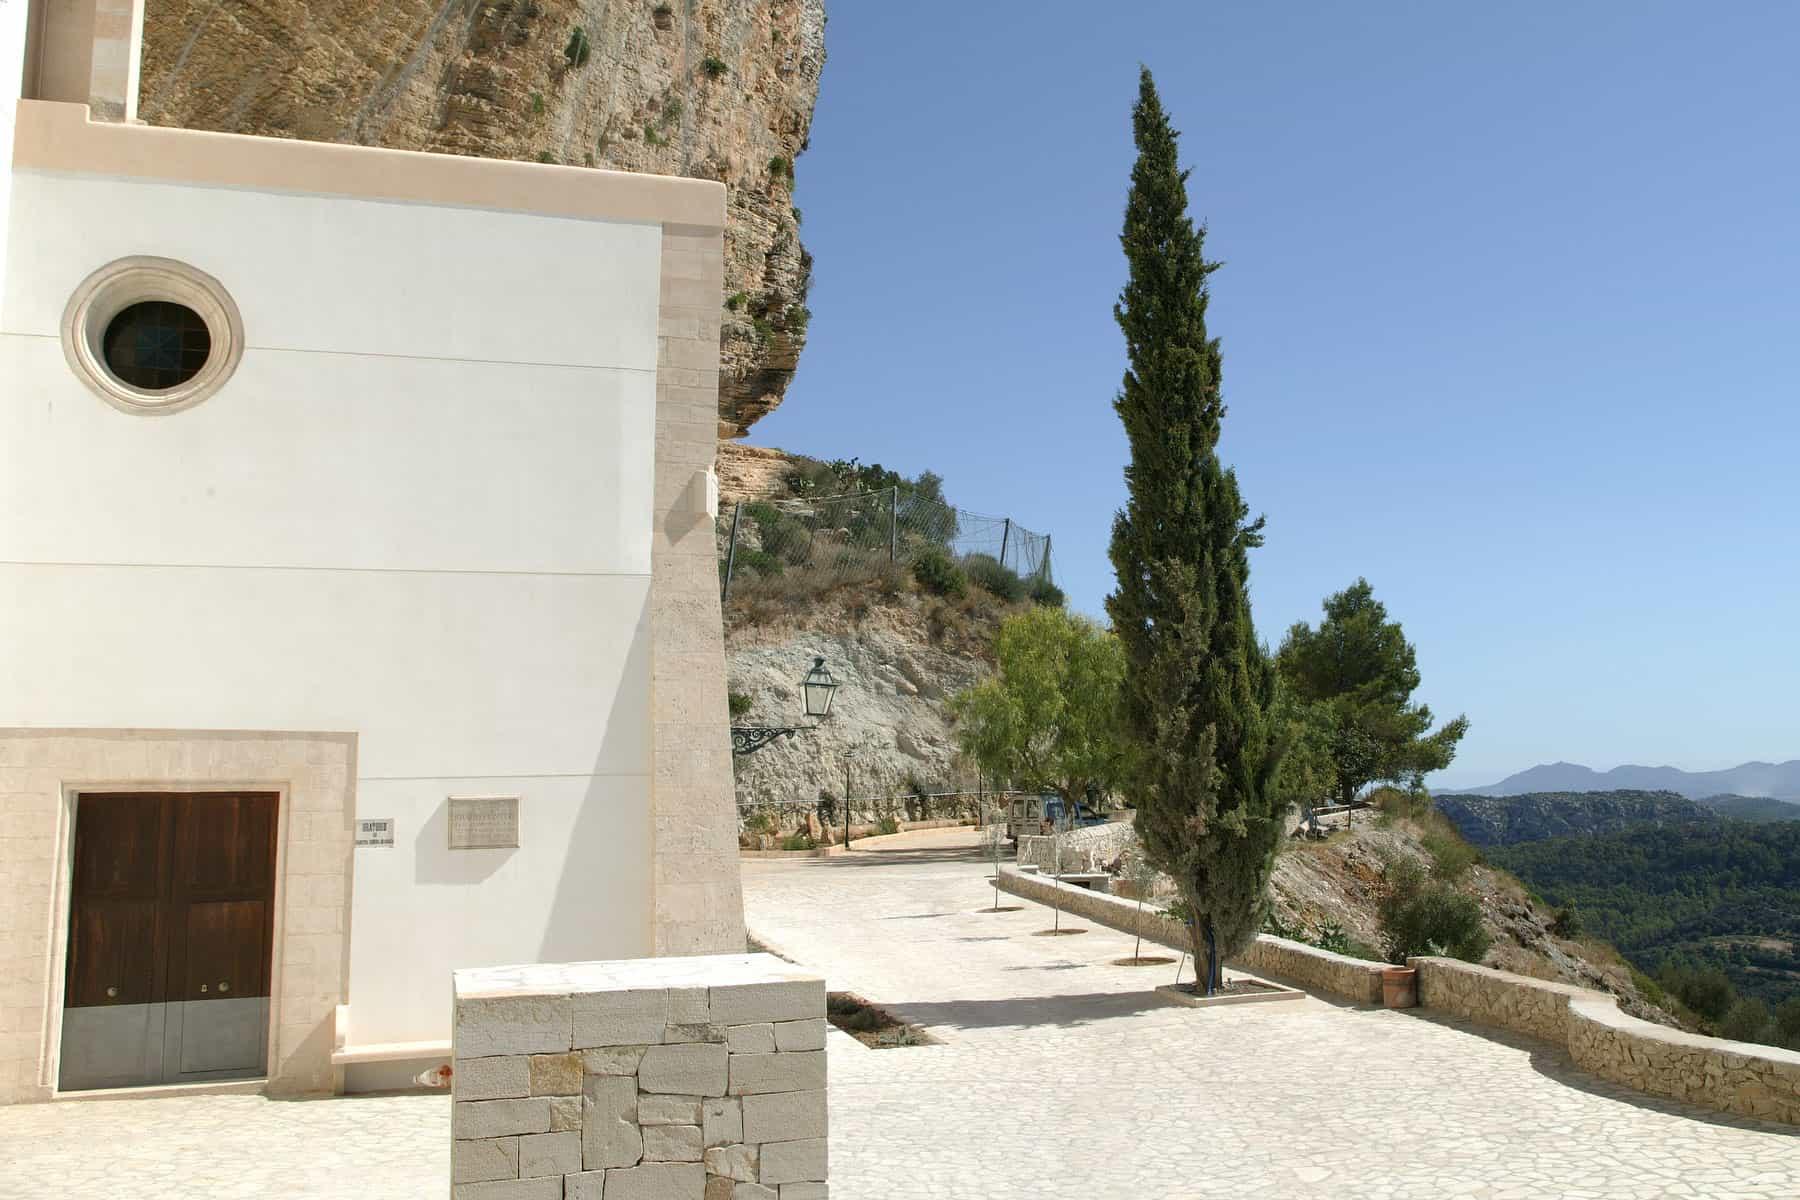 Resor_Mallorca_utsikt_Nygren_Lind_Resebyrå